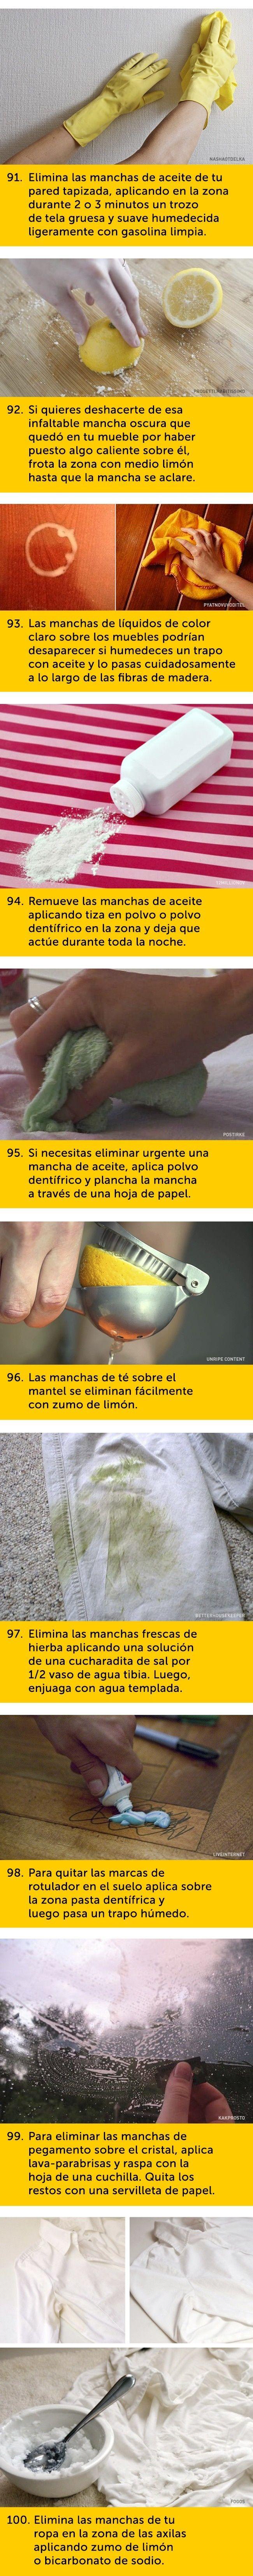 100 Trucos útiles que teayudarán entuvida diaria